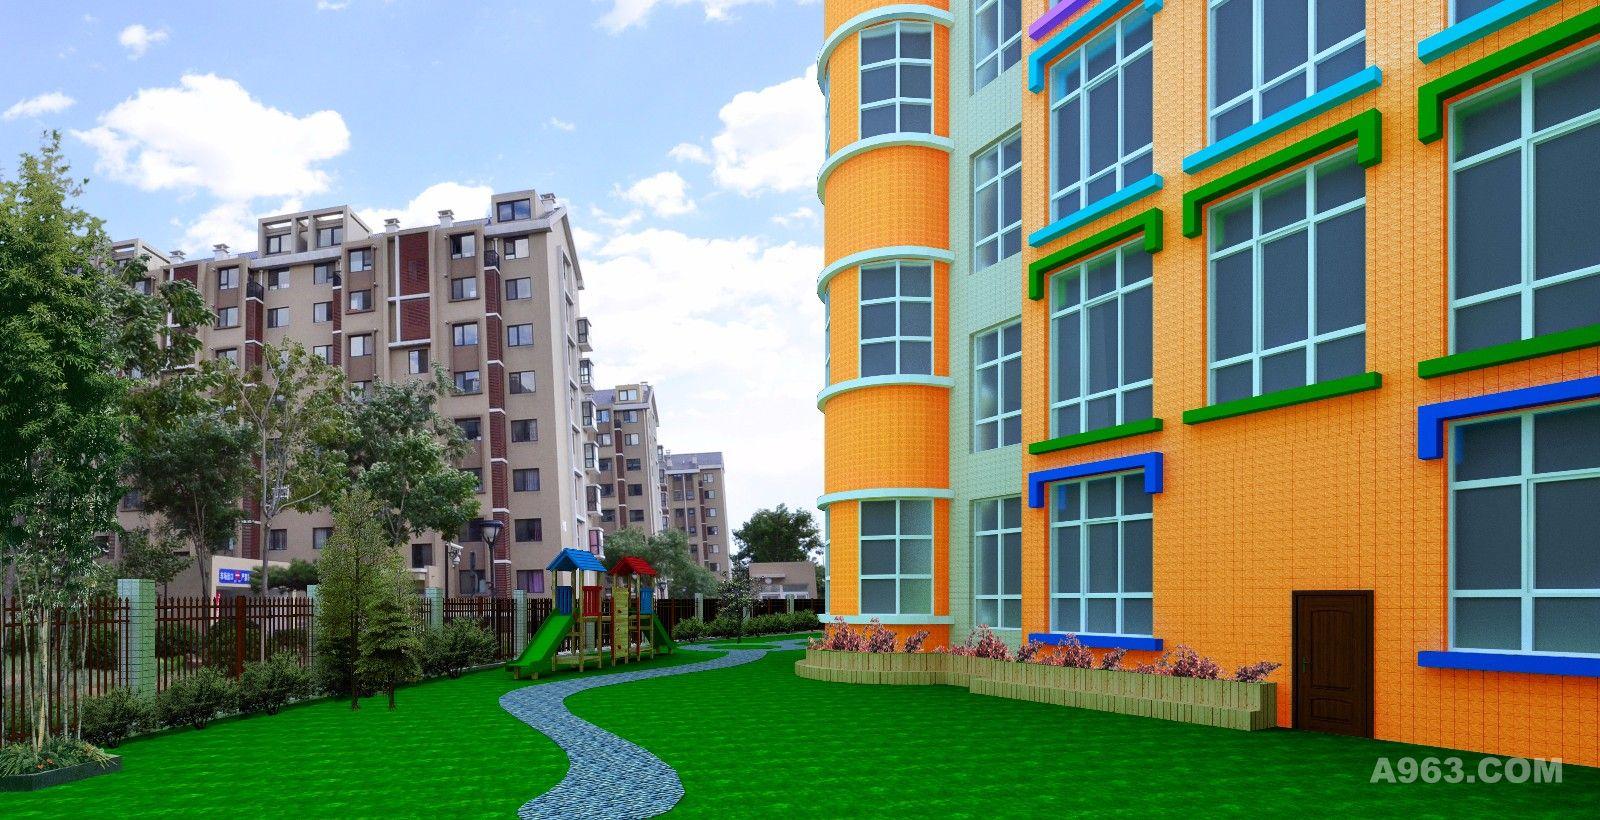 熊攀云-幼儿园设计说明: 贵阳爱迪剑桥中英文幼儿园外墙及花园